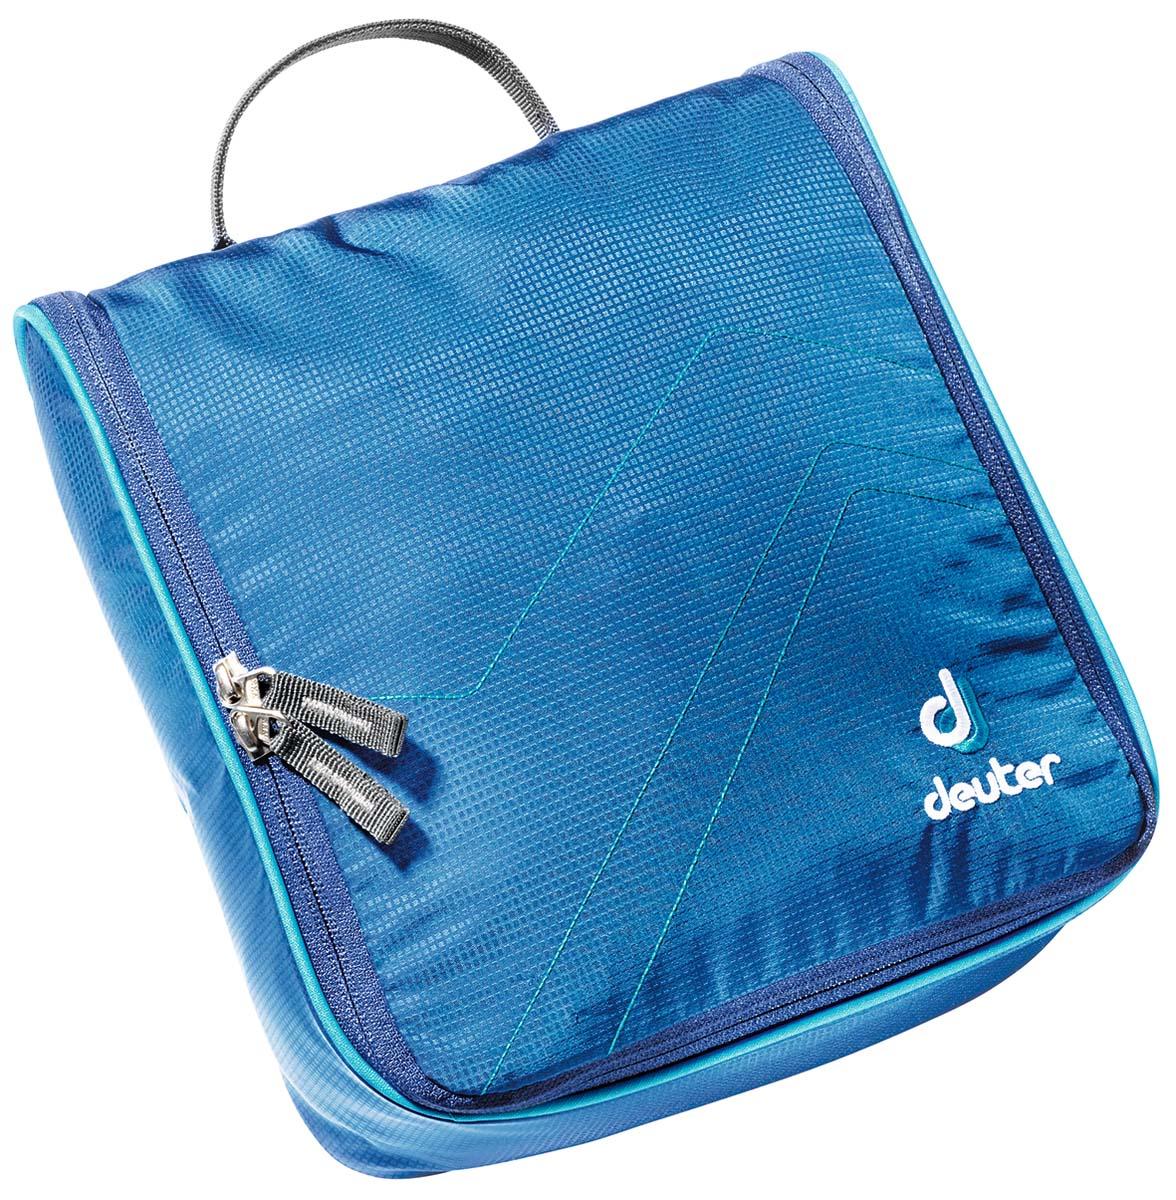 Косметичка Deuter Accessories Wash Center II, цвет: светло-голубой, бирюзовый, 25 см х 24 см х 9 см86130-1010Дорожная косметичка Deuter Accessories Wash Center II , выполненная из полиамида и полиэстера, незаменима в путешествиях и командировках. Косметичка содержит большое центральное отделение с тремя сетчатыми карманами, два кармана на молнии, сетчатый карман на молнии, а также съемное внутреннее отделение с дополнительным крючком. Застегивается на молнию с двойным бегунком по всему периметру. Изделие снабжено текстильной петлей для подвешивания.Стильная дорожная косметичка станет практичным аксессуаром, который идеально дополнит ваш образ.